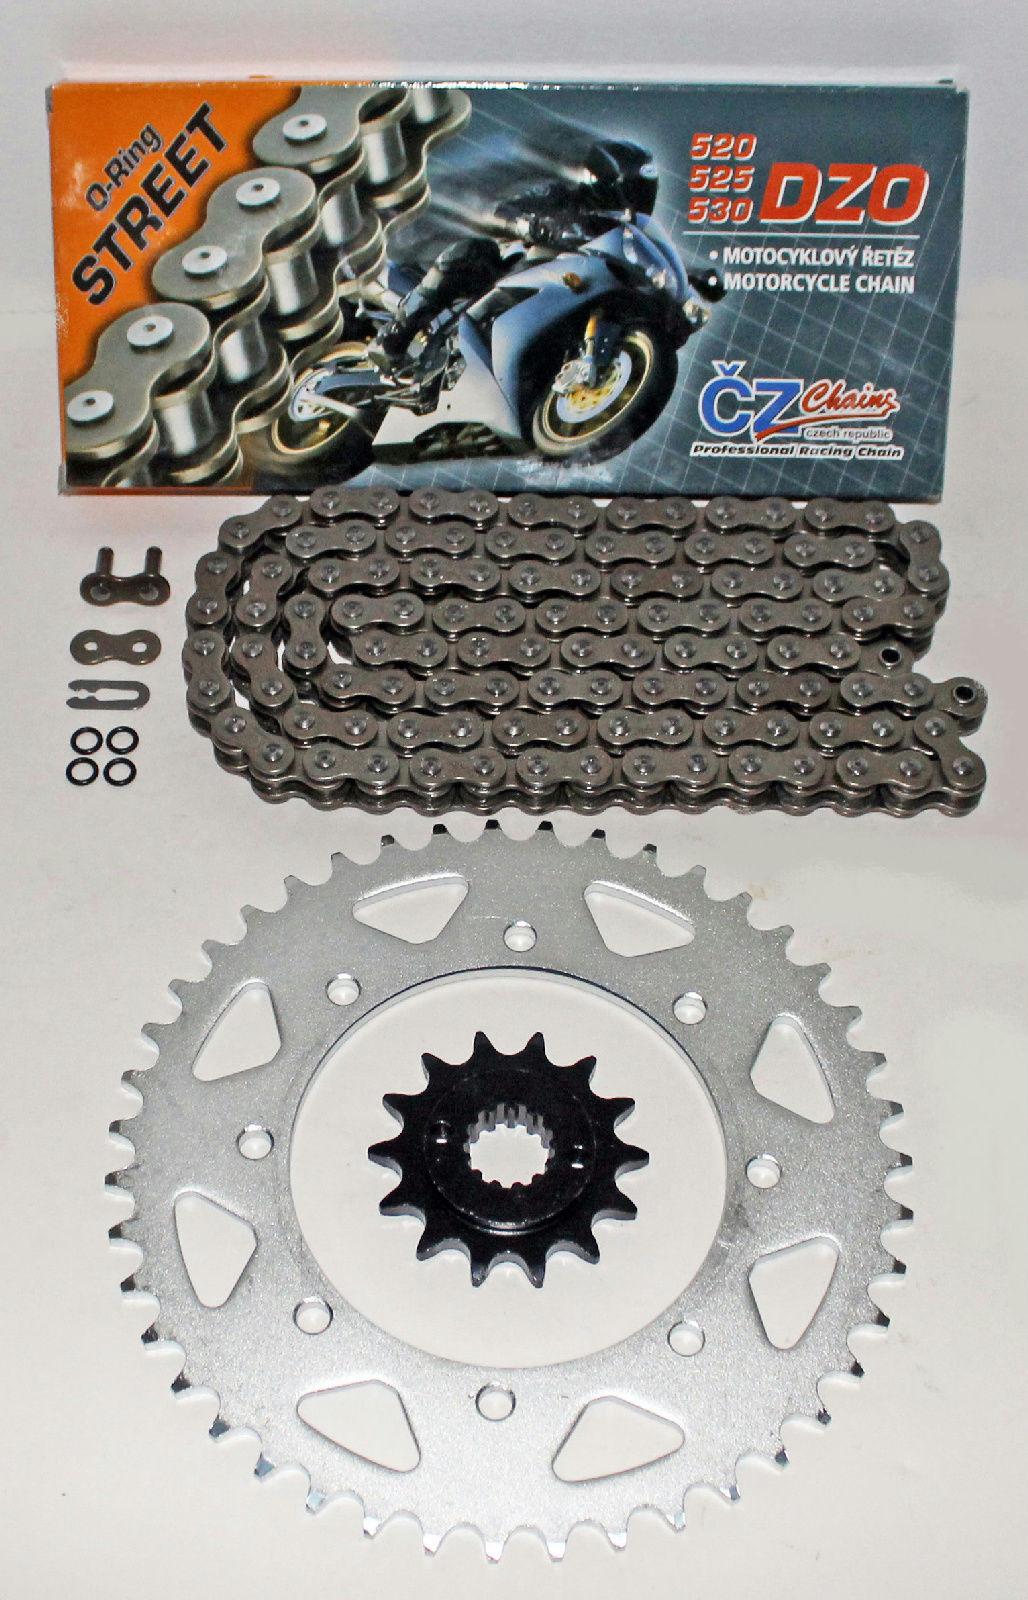 CZ 520 DZO O-Ring Chain Kawasaki 1990-2014 KL650 KLR650 1993-1996 KLX650 R 114L